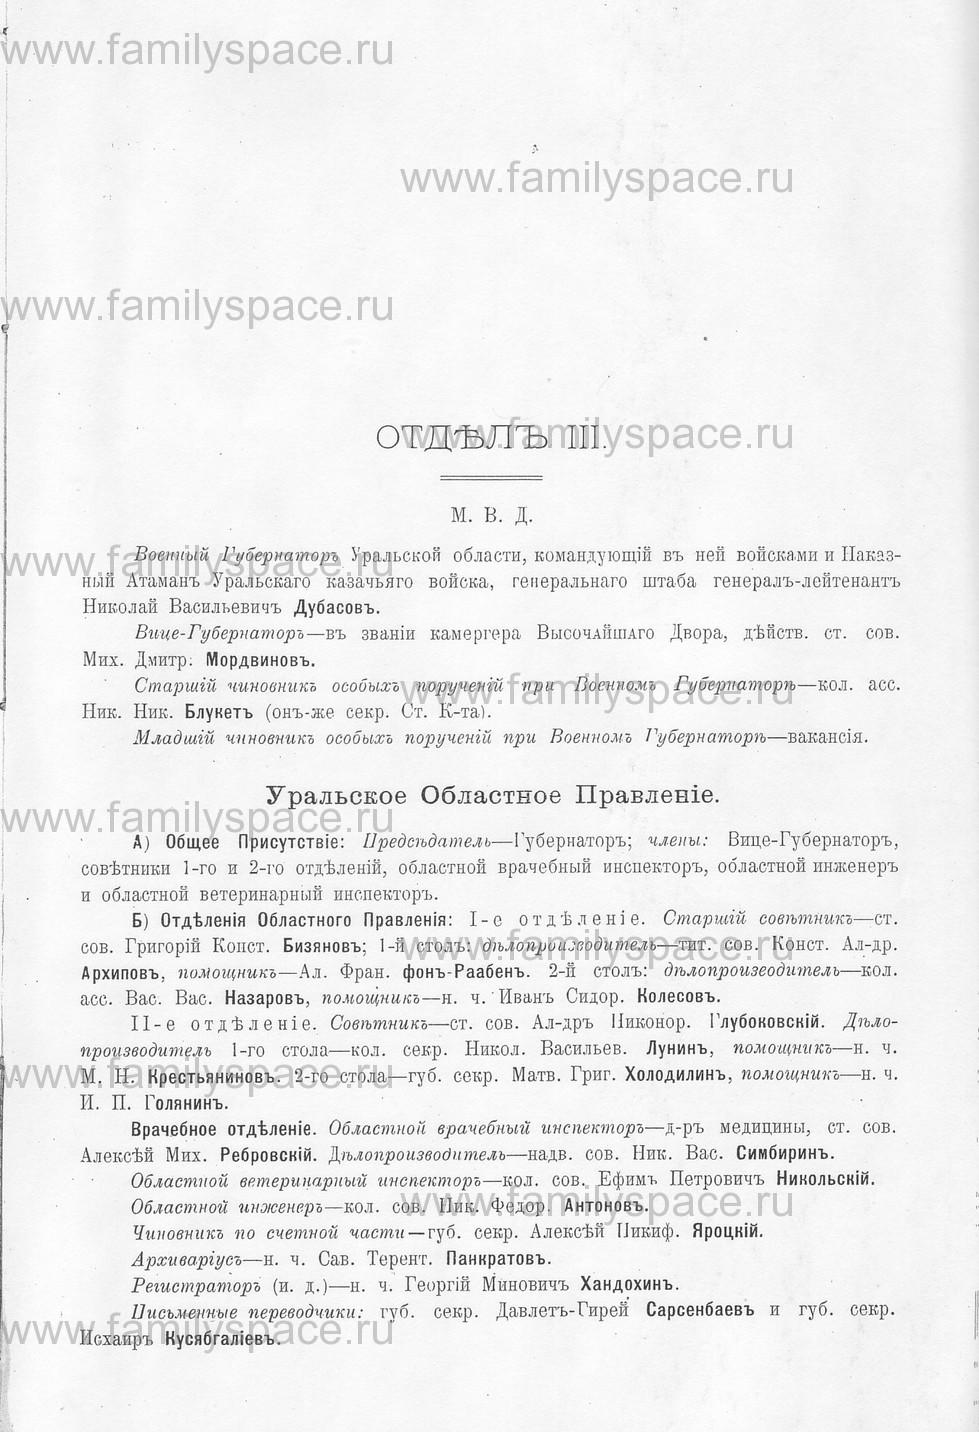 Поиск по фамилии - Памятная книжка Уральской области на 1913 год, страница 111